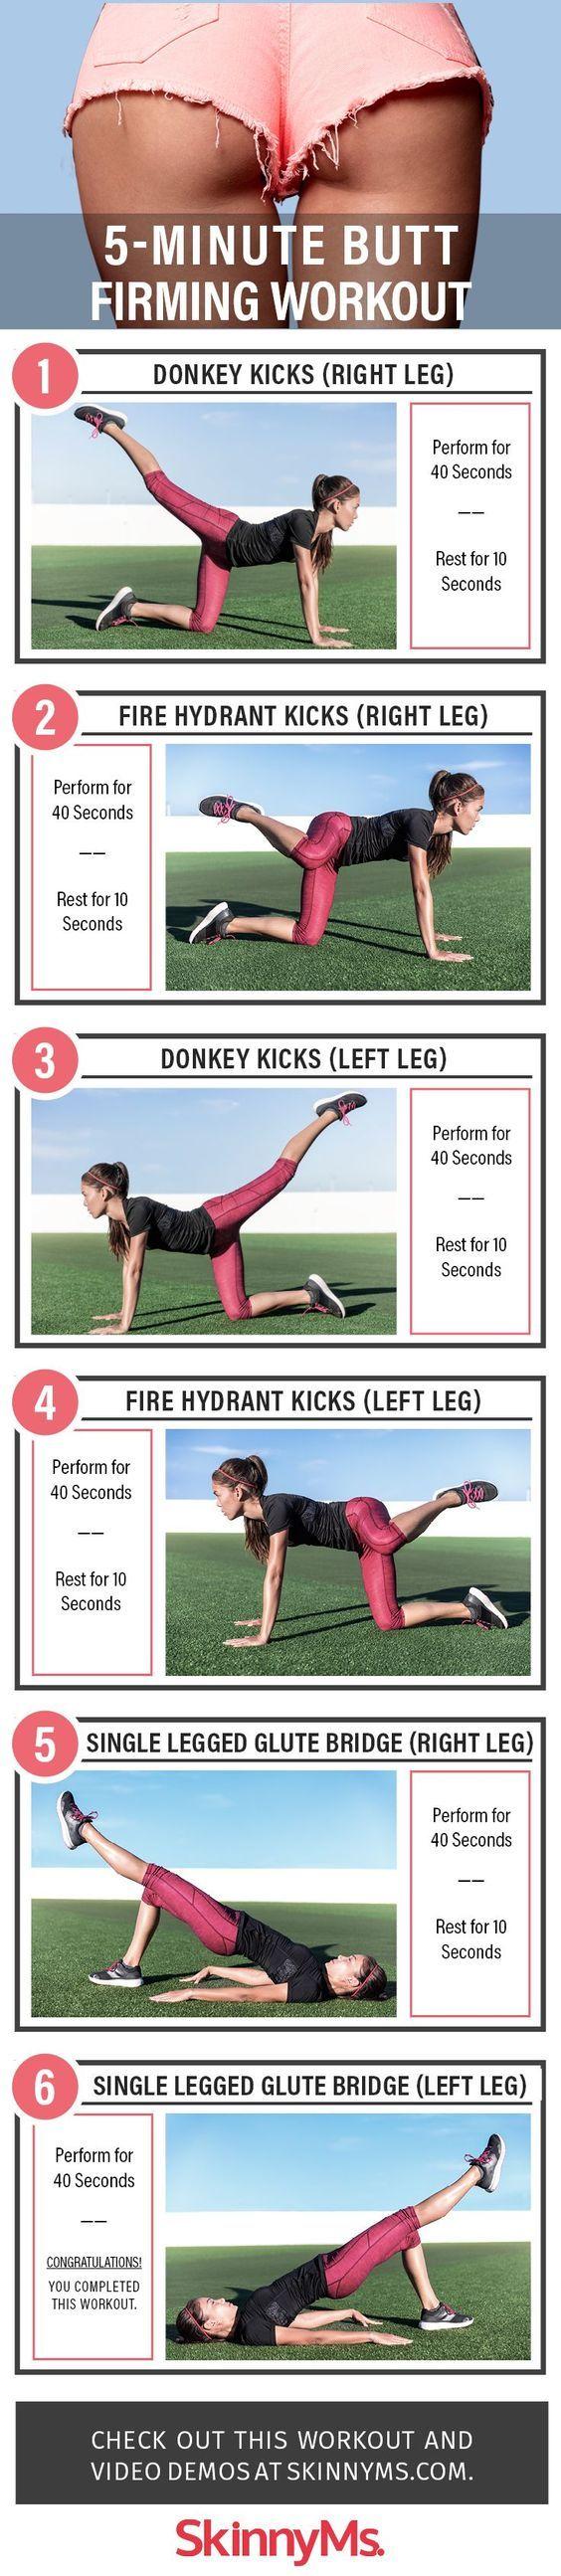 5-Minute Butt Firming Workout.